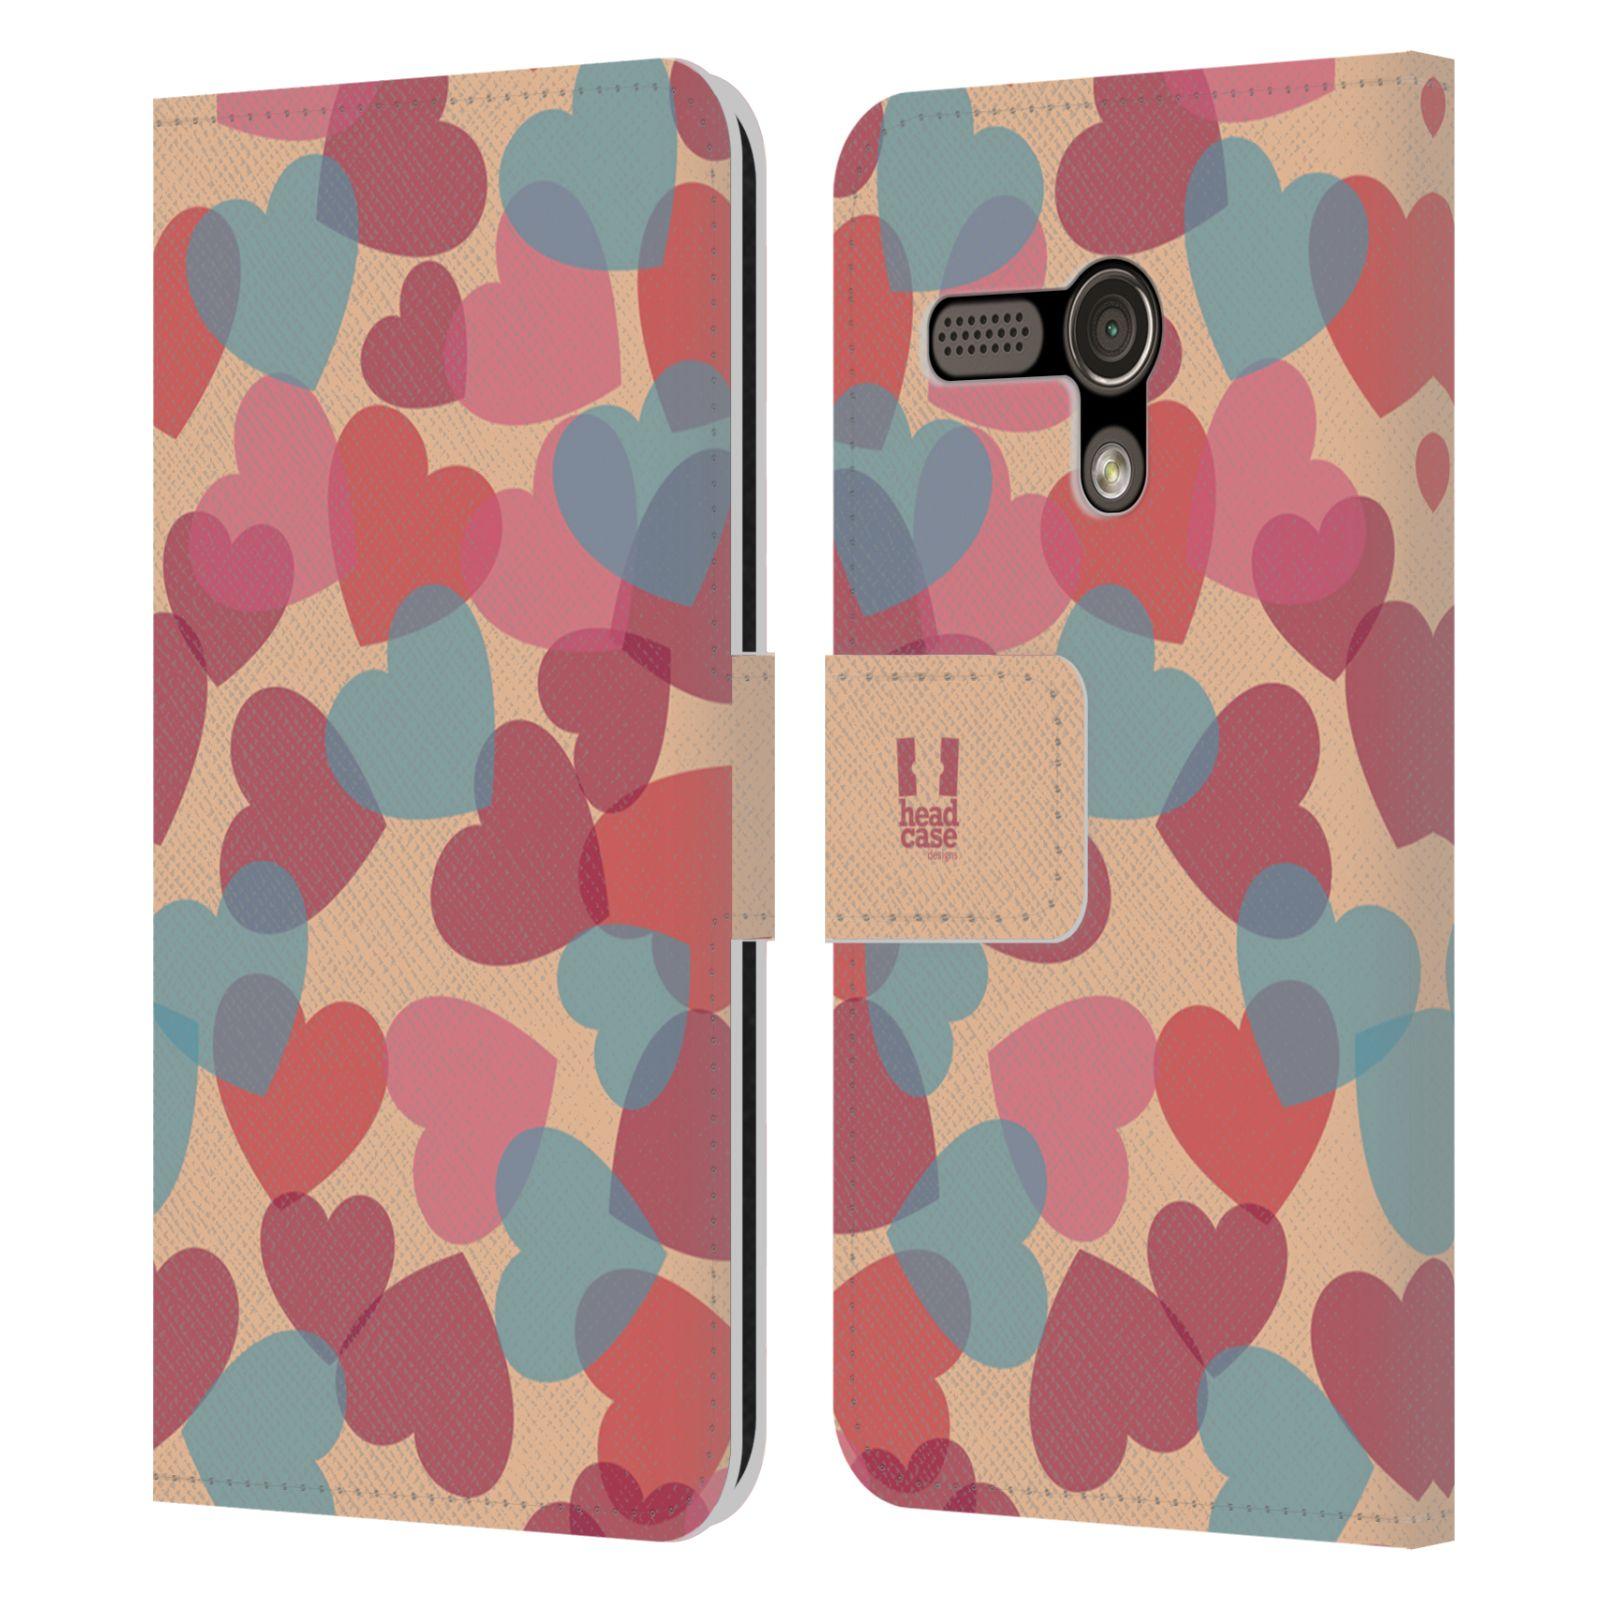 HEAD CASE Flipové pouzdro pro mobil MOTOROLA MOTO G vzor prolínající se srdíčka, srdce, láska, růžová